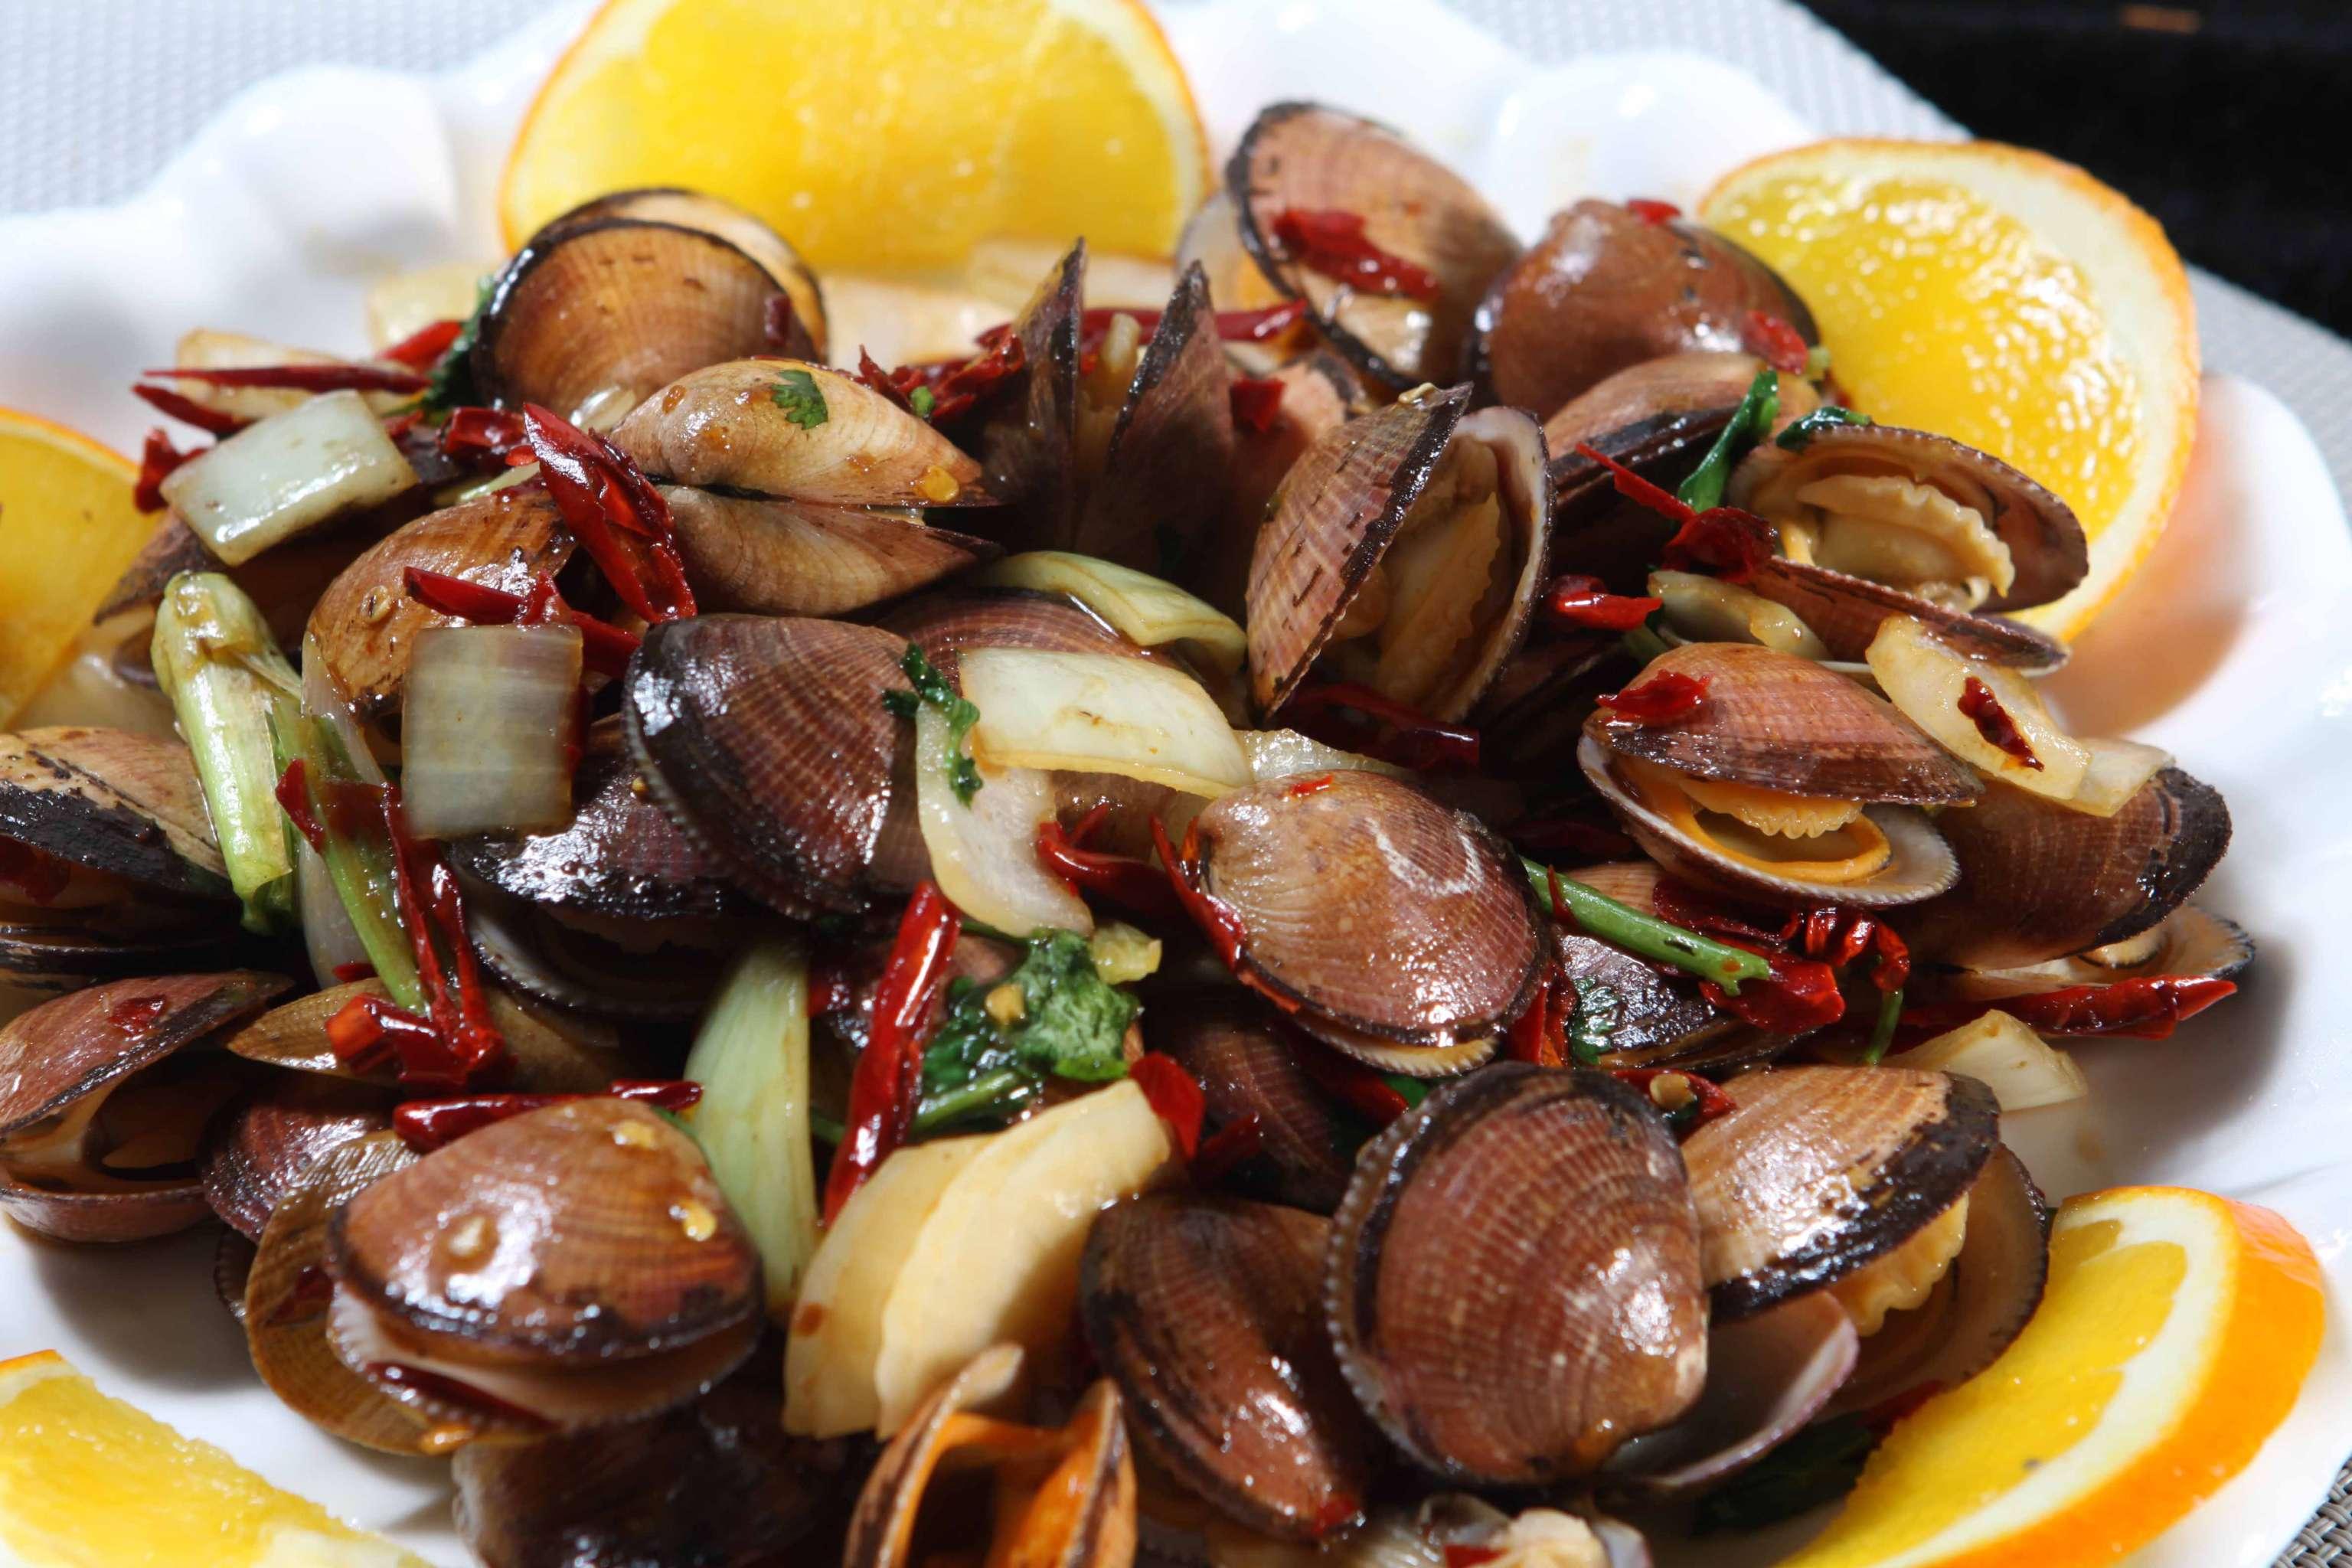 海鲜 美食 3072_2048